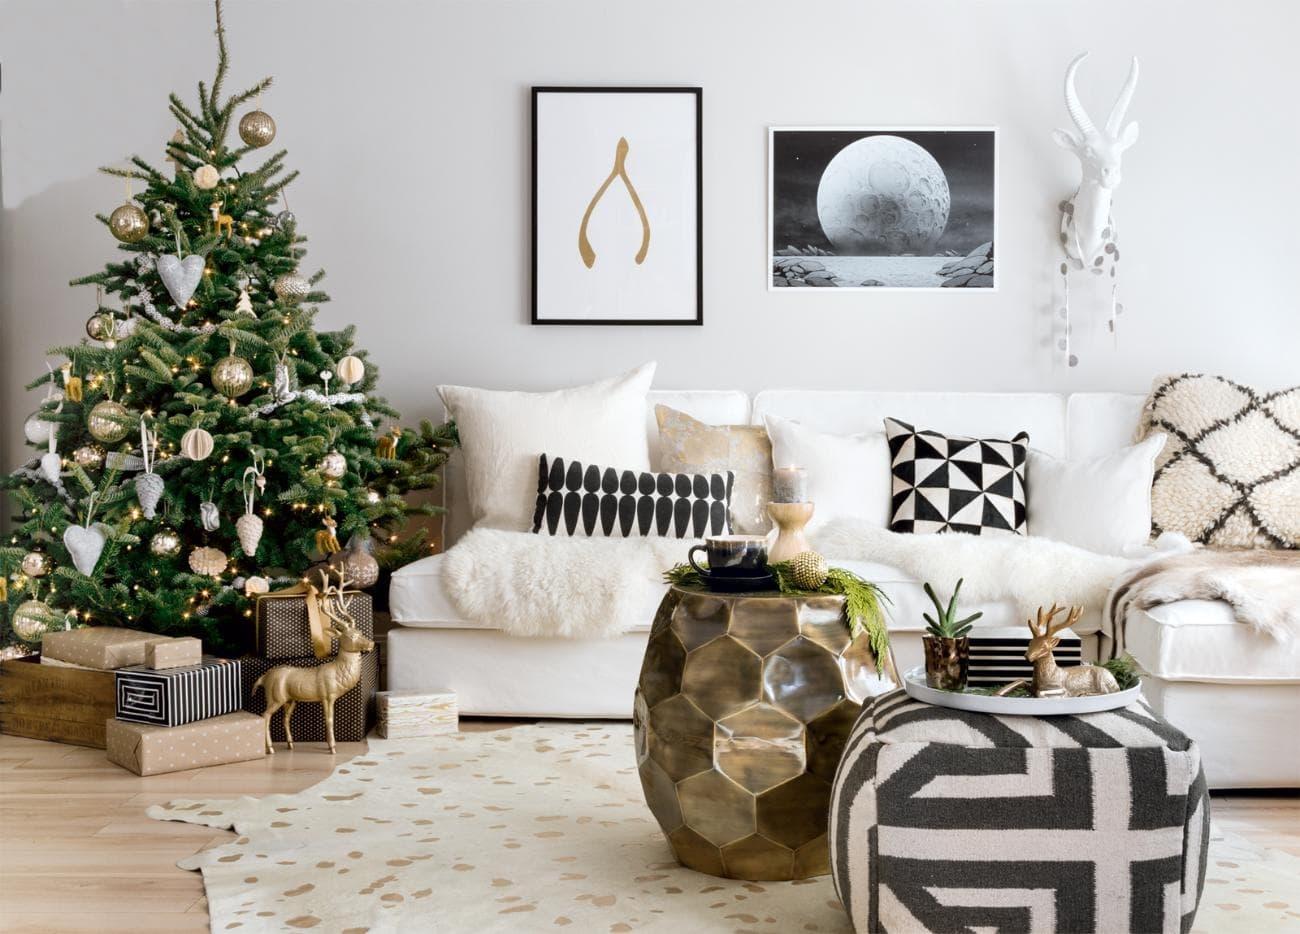 украсить гостиную к новому году